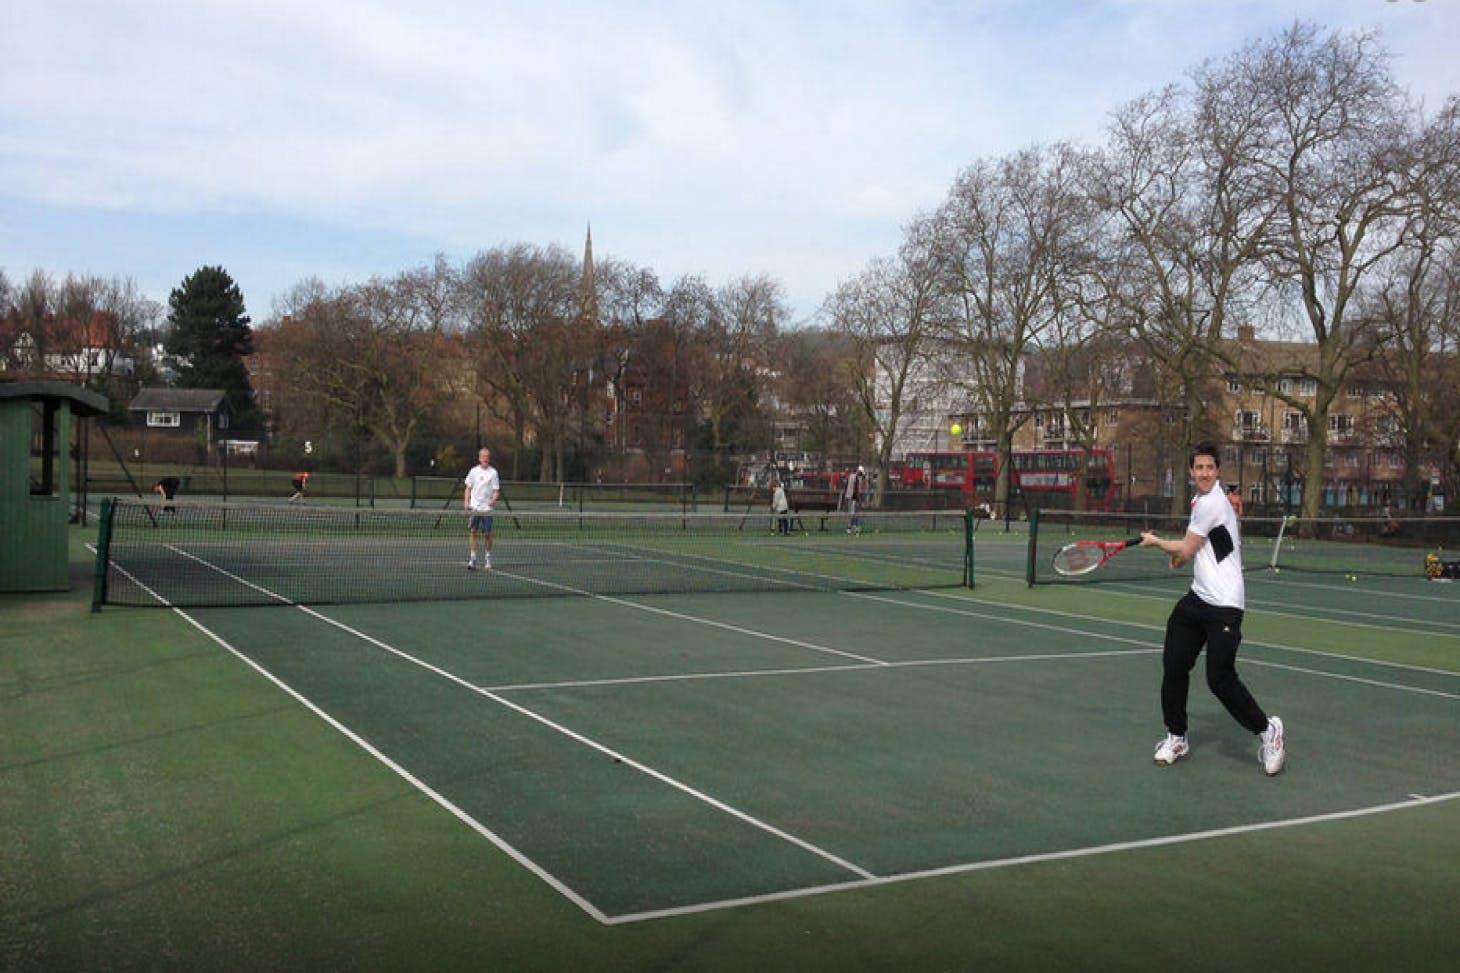 Parliament Hill Outdoor | Hard (macadam) tennis court